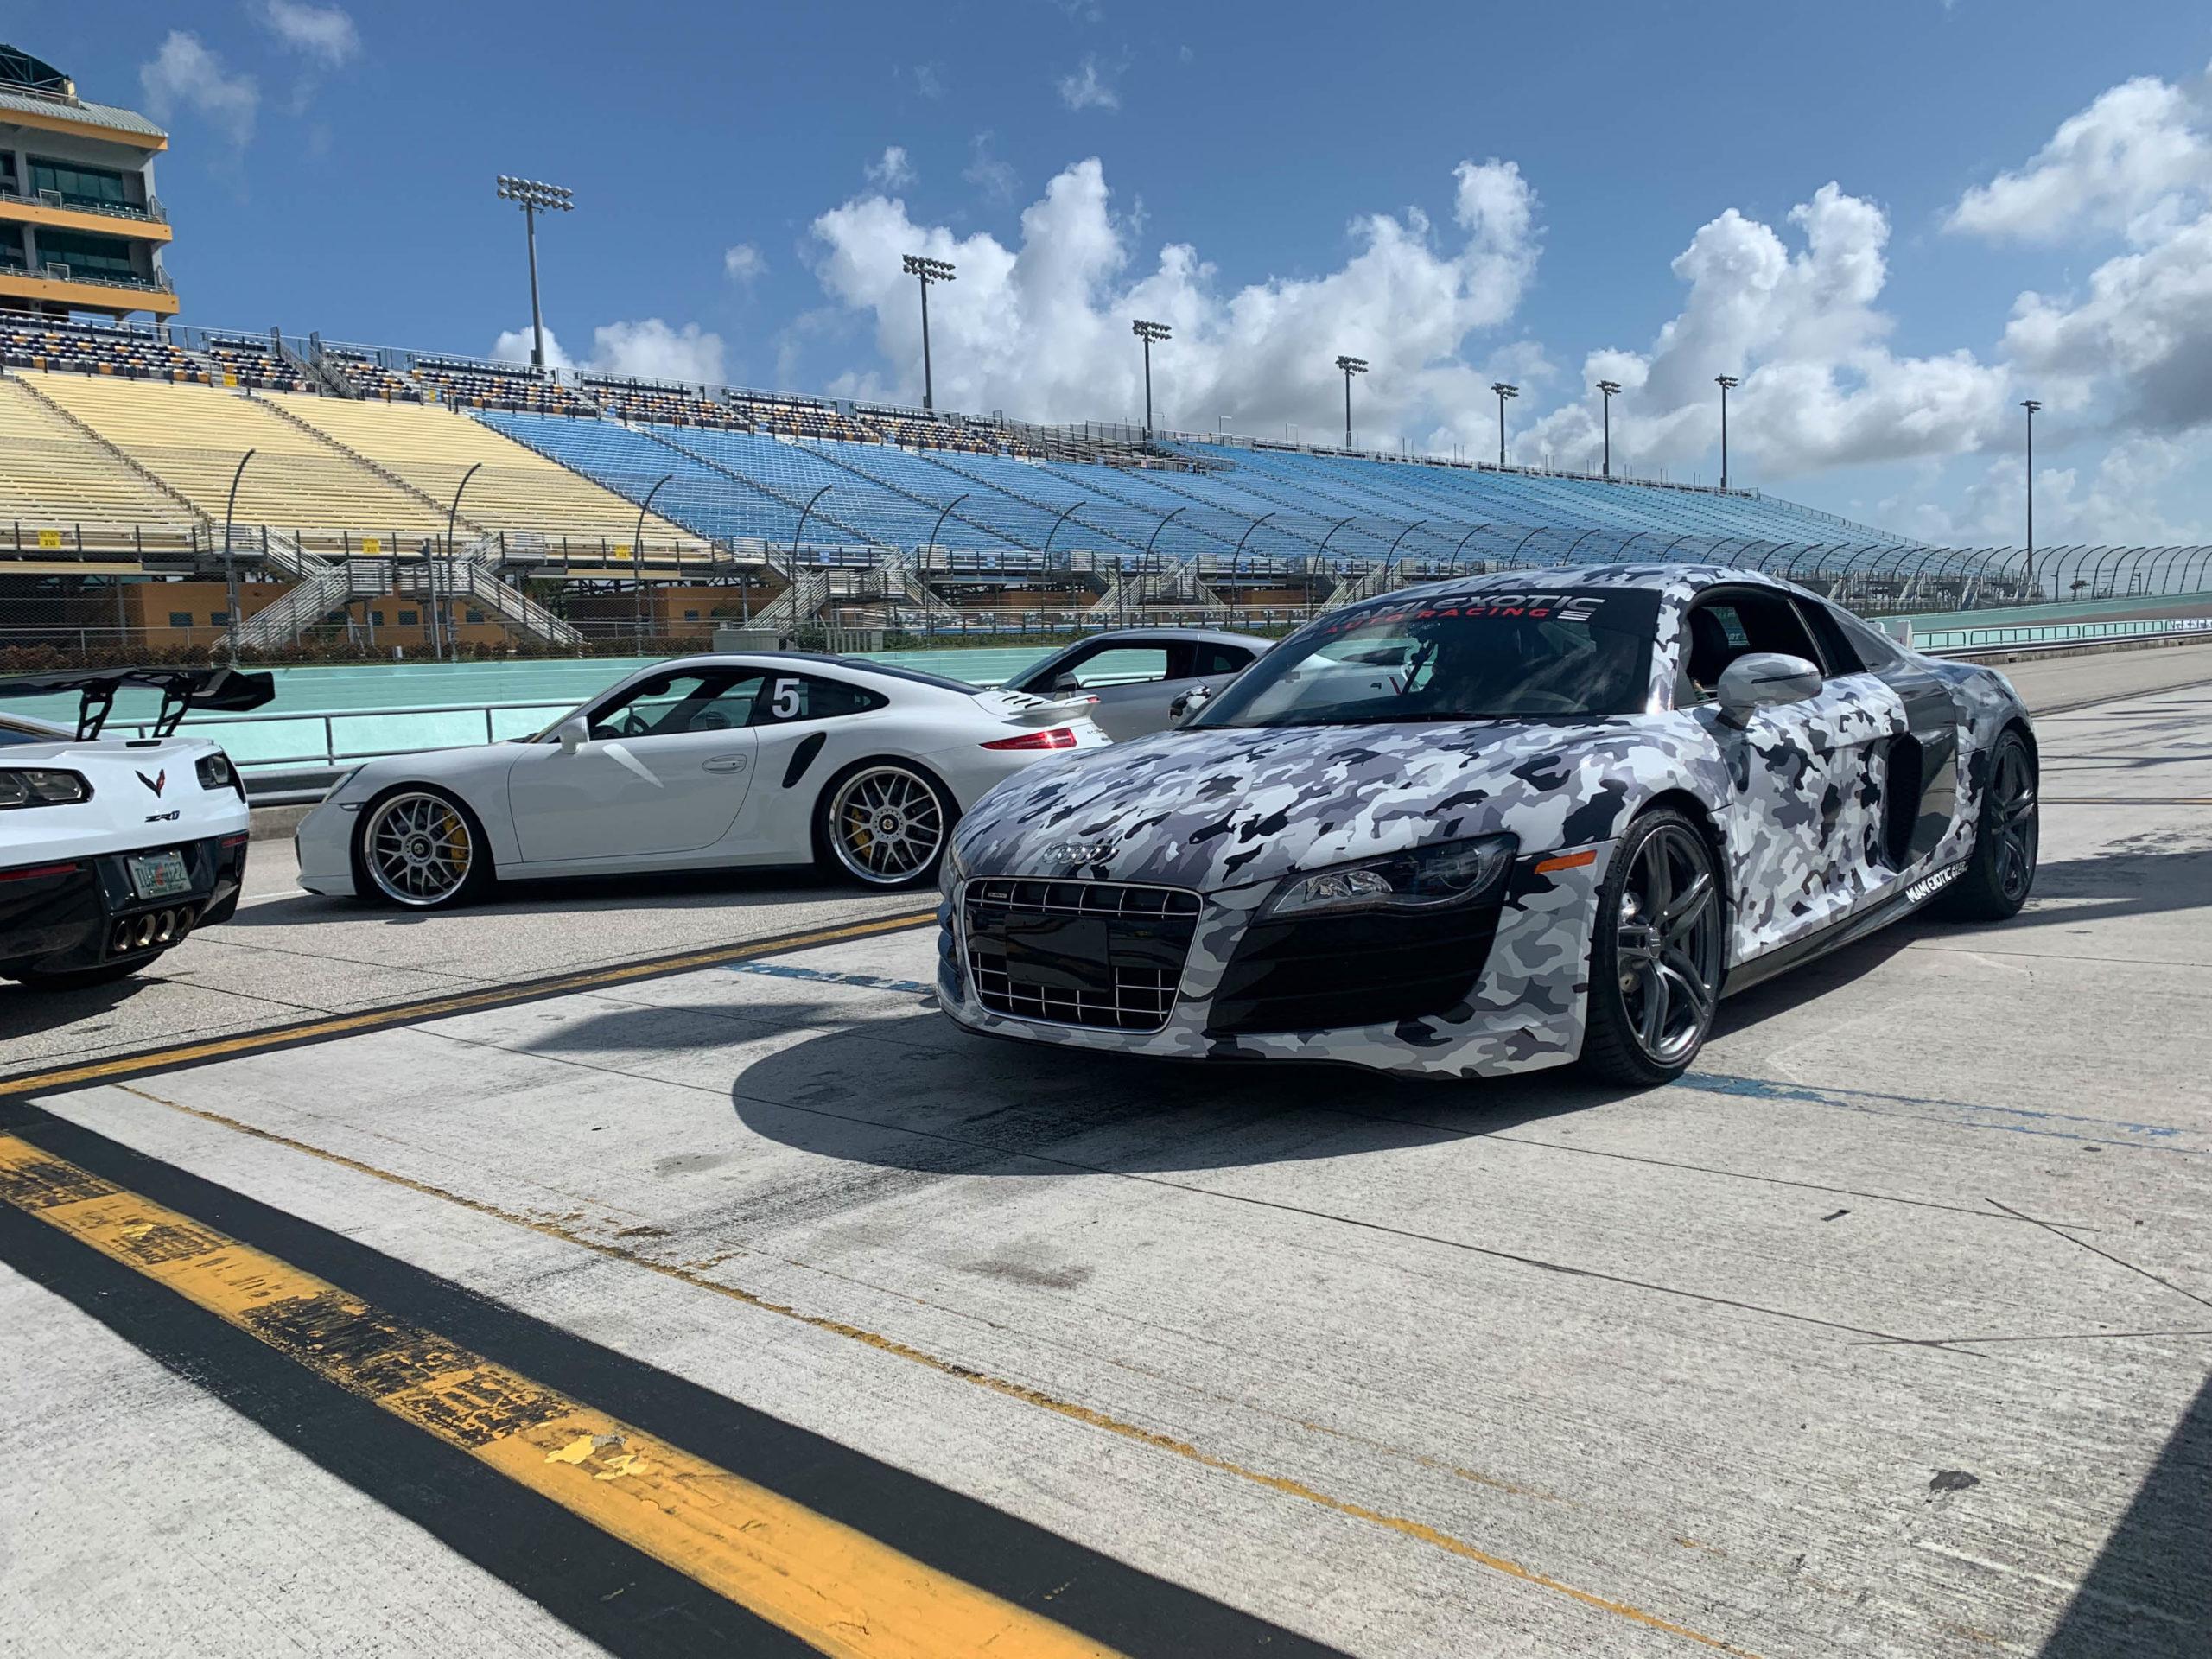 Hero-Miami Exotic Auto Racing Thumbnail